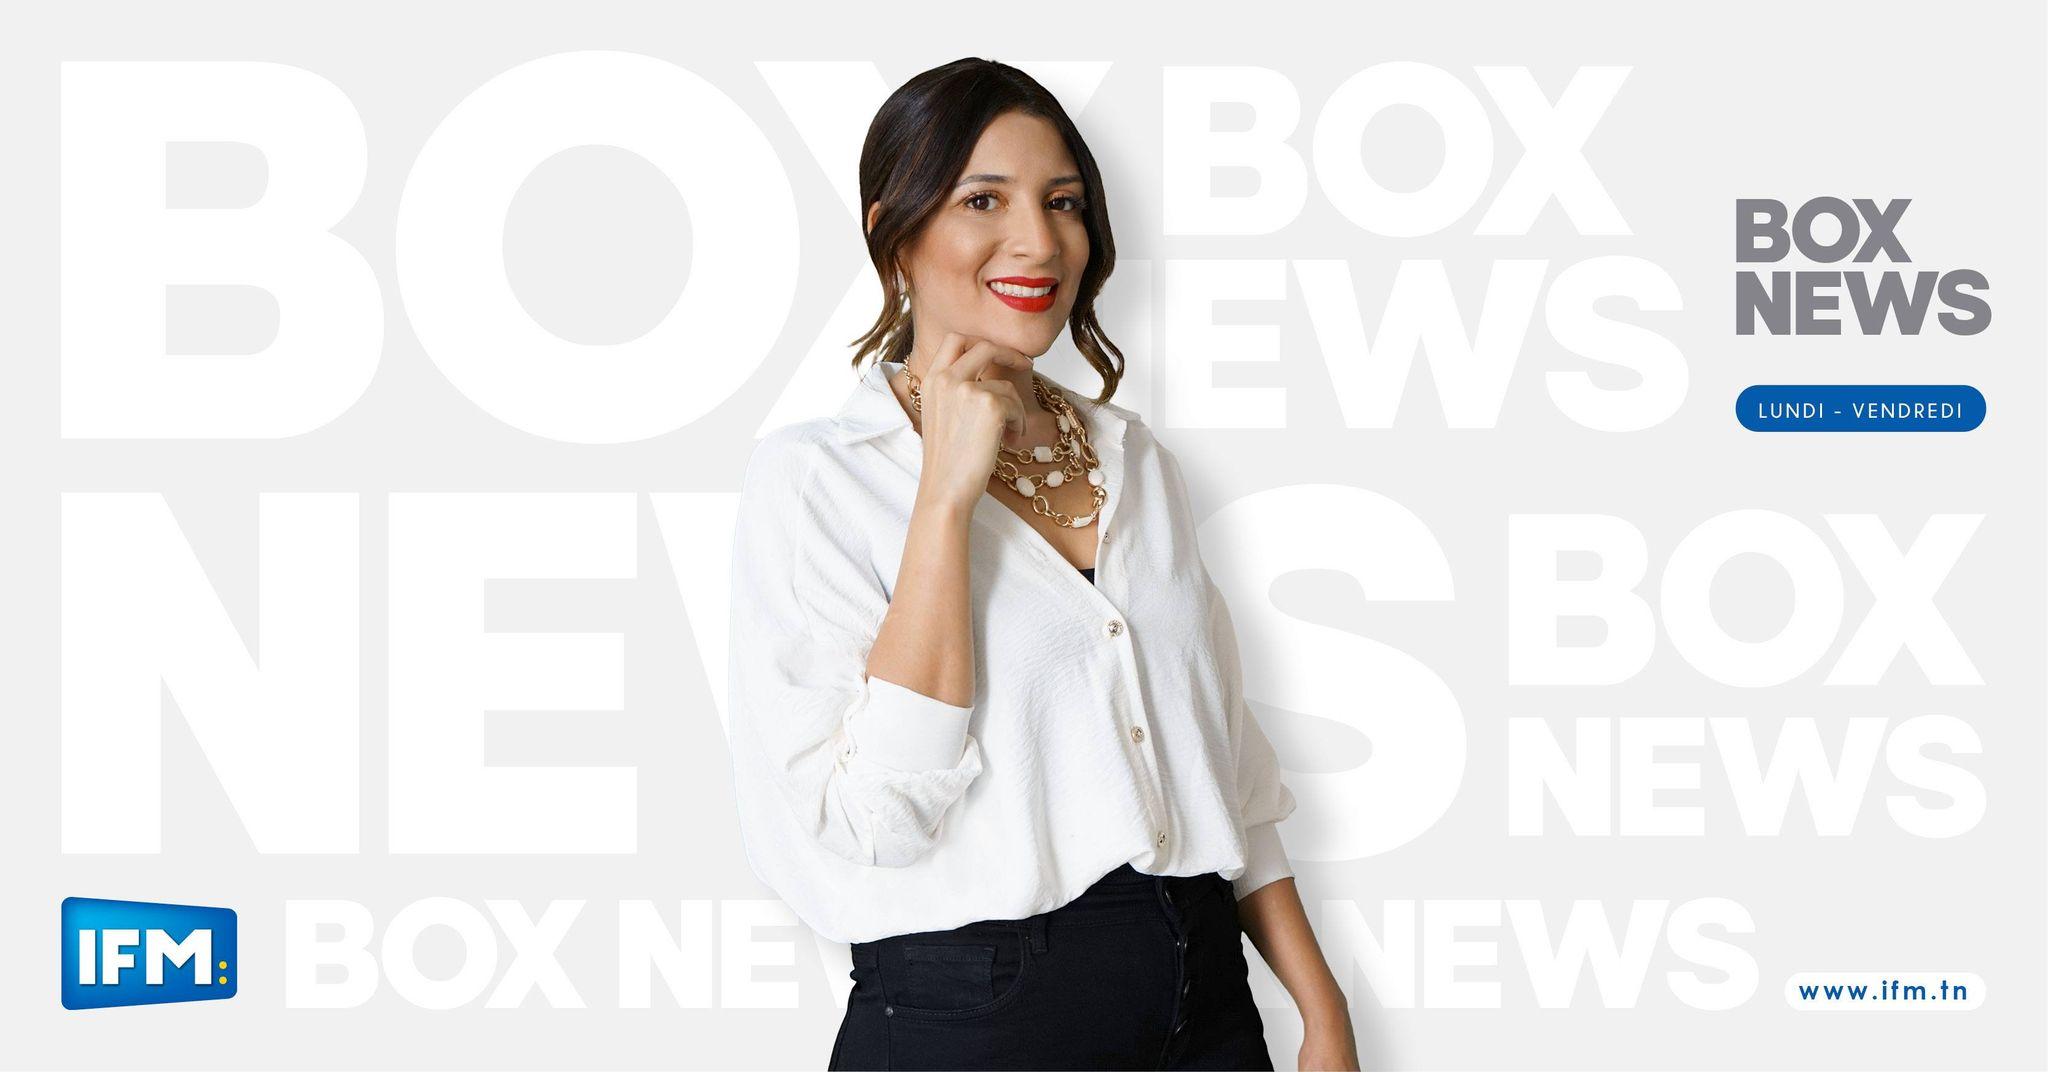 Box News:كادوريم سيترشّح مستقلاّ للرئاسة و كواليس التصريح المثير للفنانة جودة ناجح في برنامج الدوامة